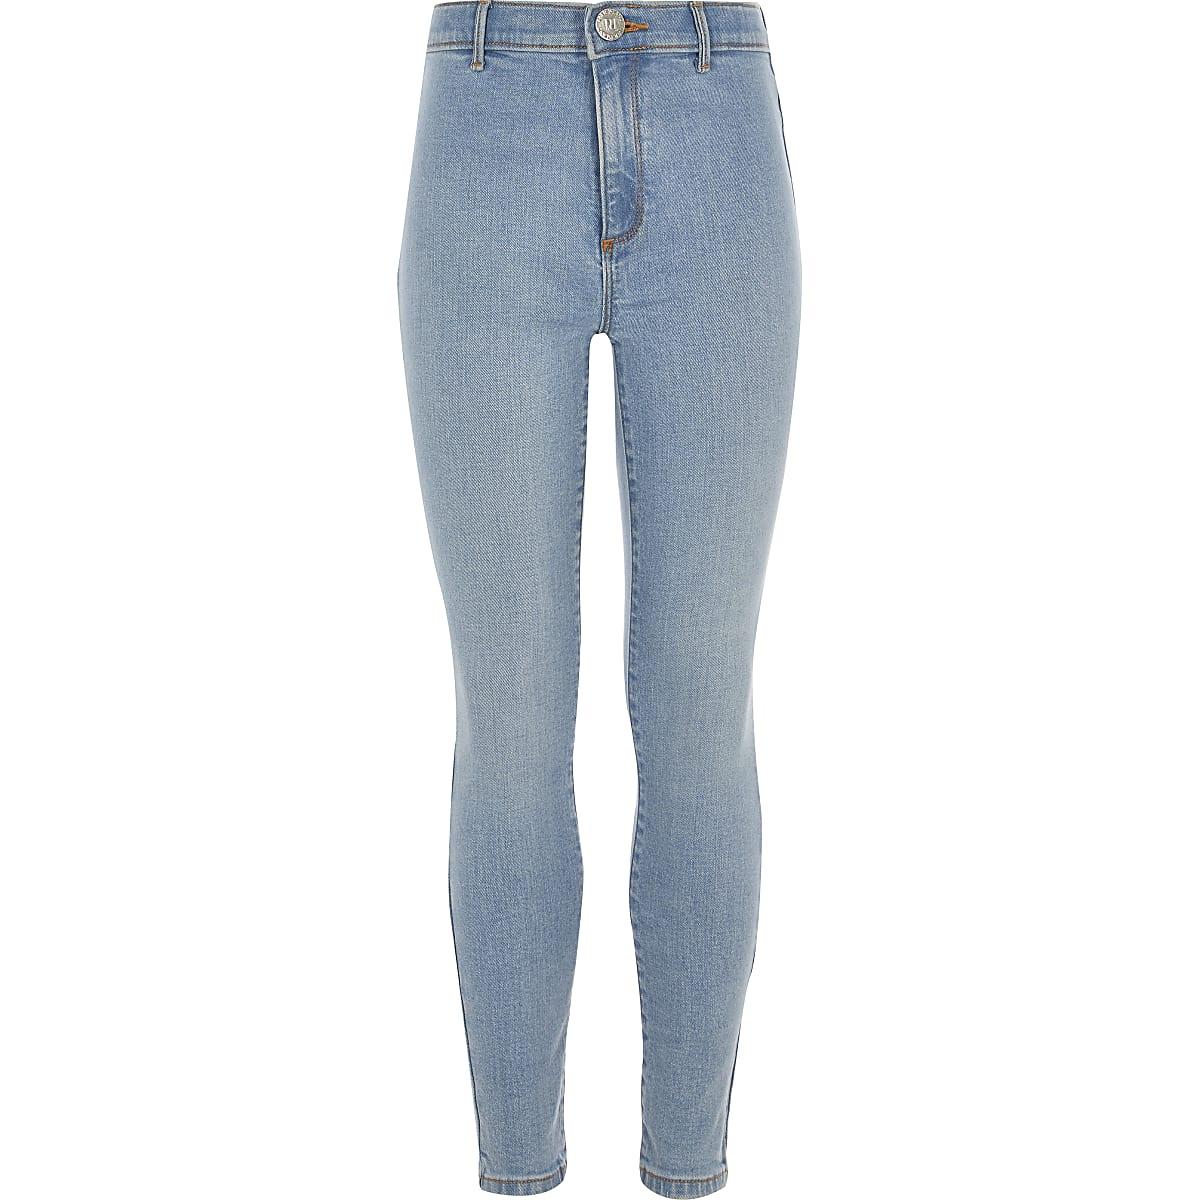 Kaia - Blauwe skinny jegging met hoge taille voor meisjes